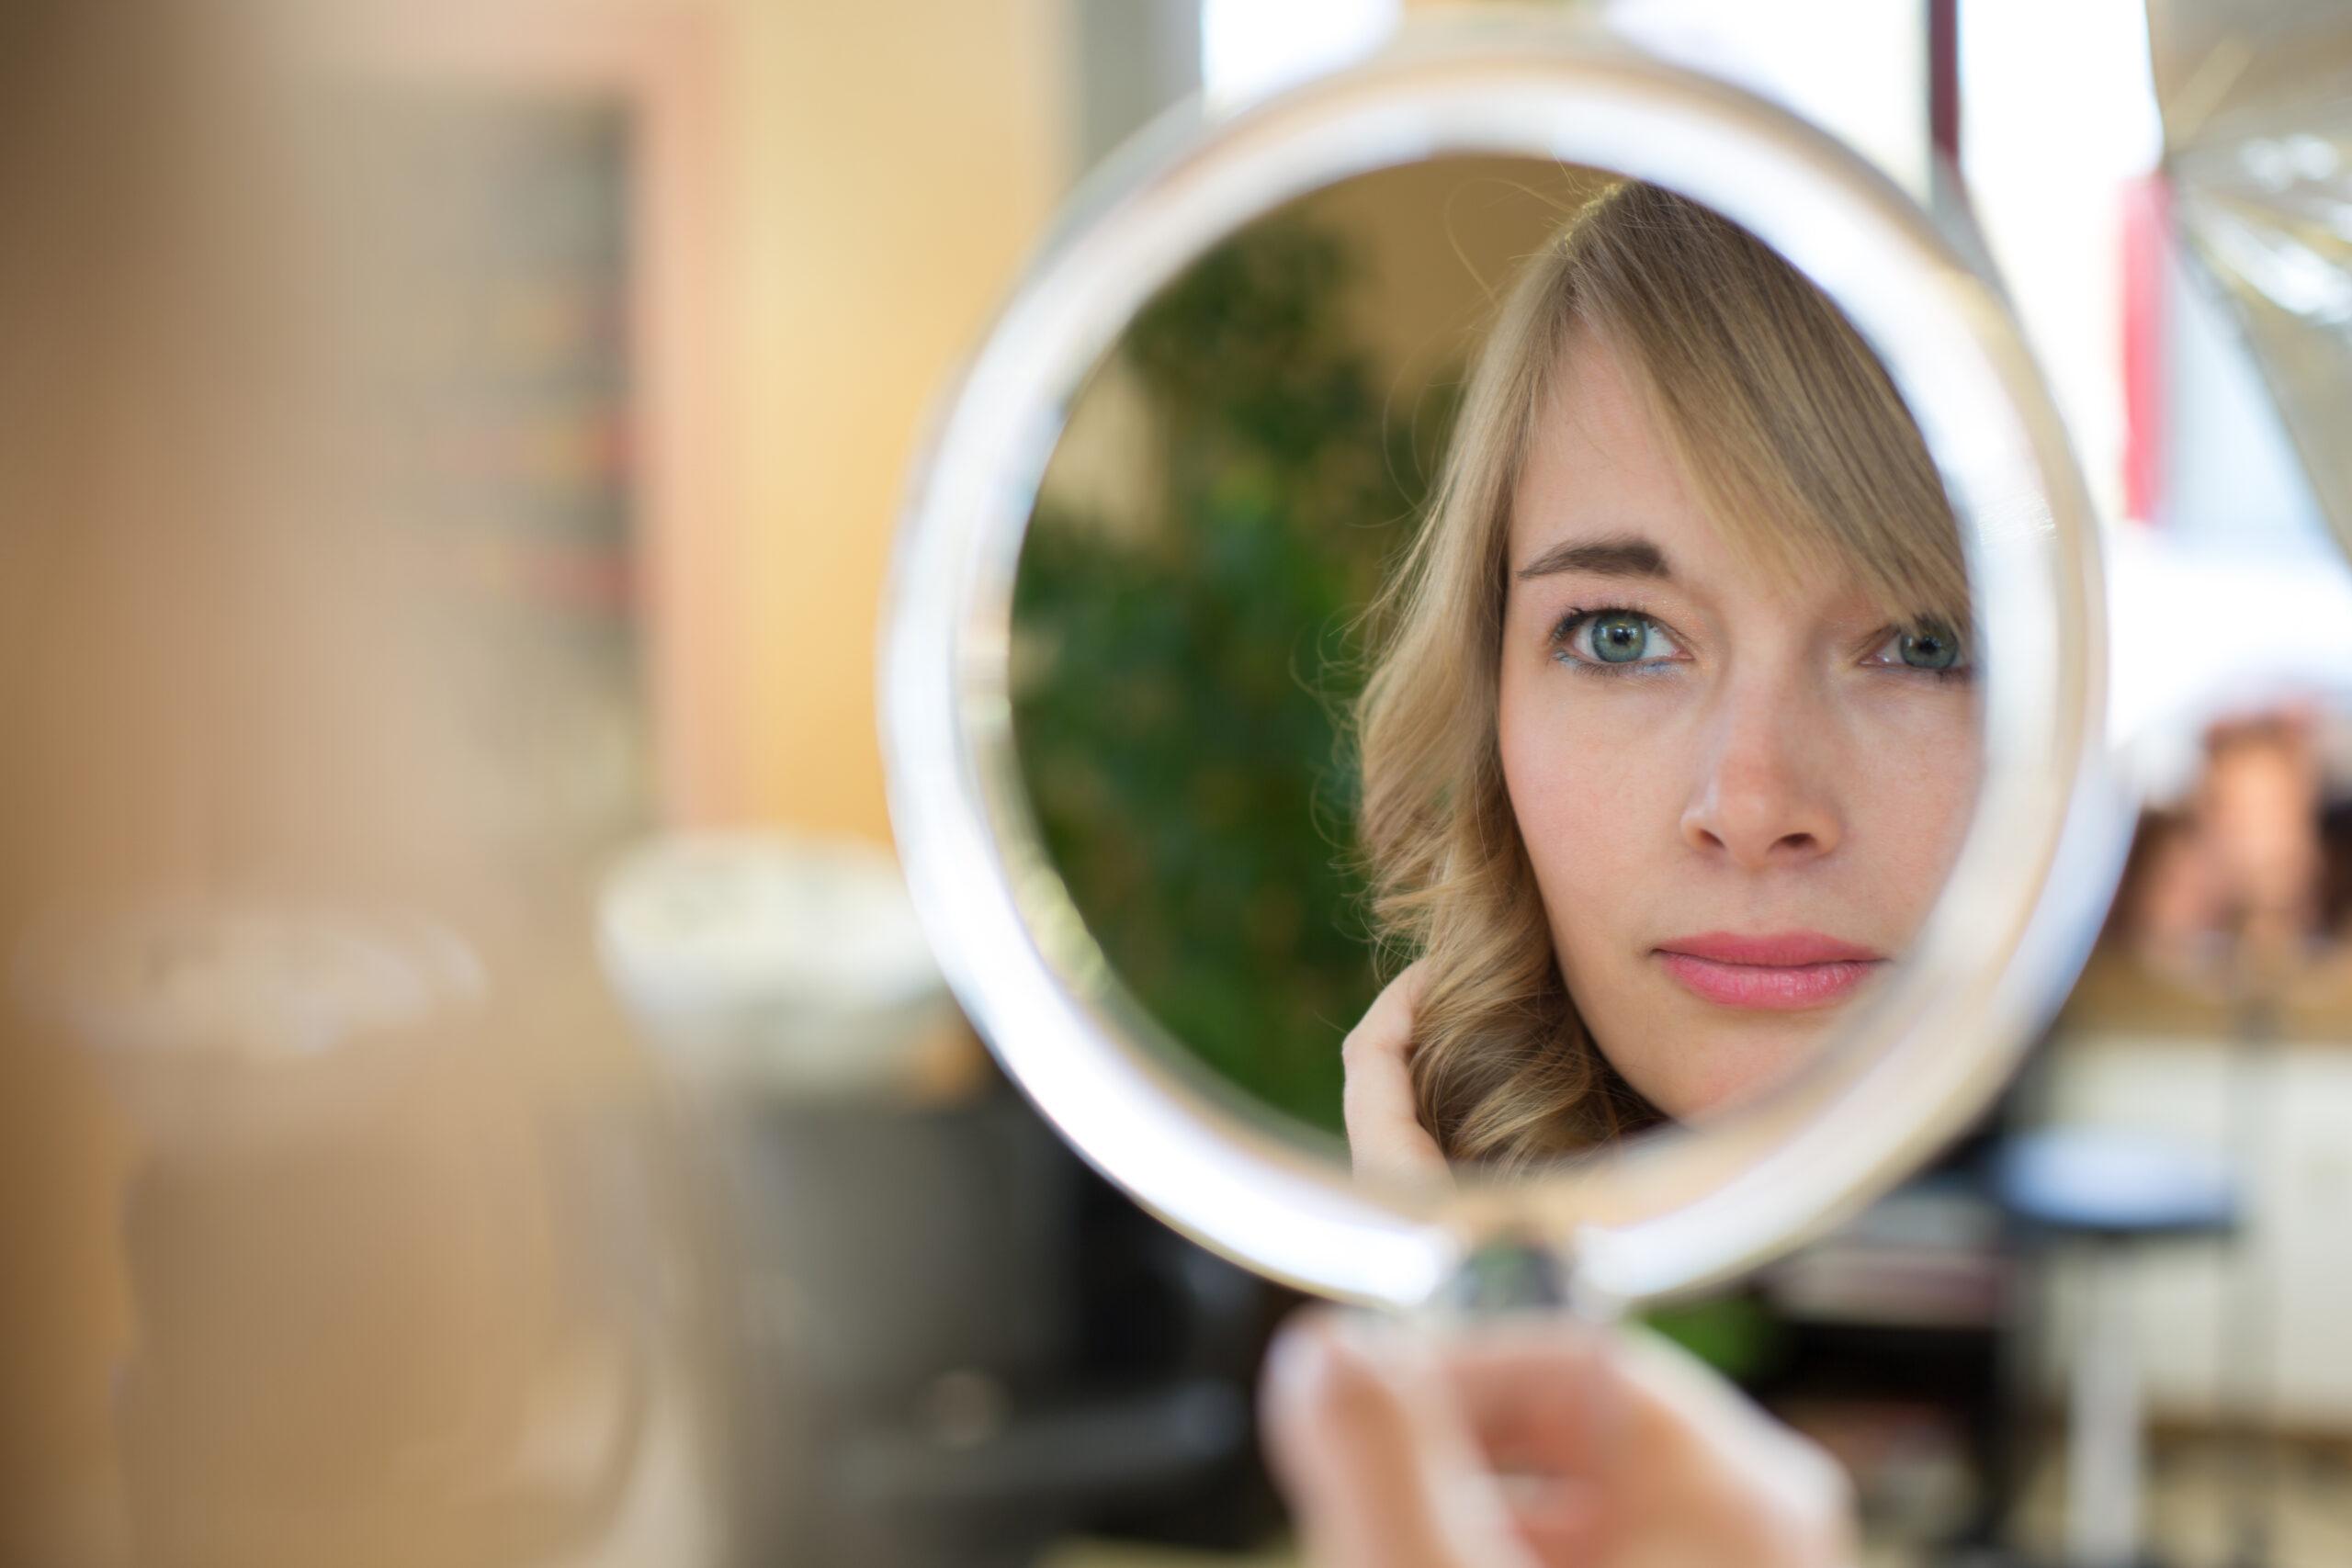 Σκοπεύετε να χρησιμοποιήσετε Σερενόα για την τριχόπτωση; Χμ… Διαβάστε πρώτα το παρακάτω άρθρο.